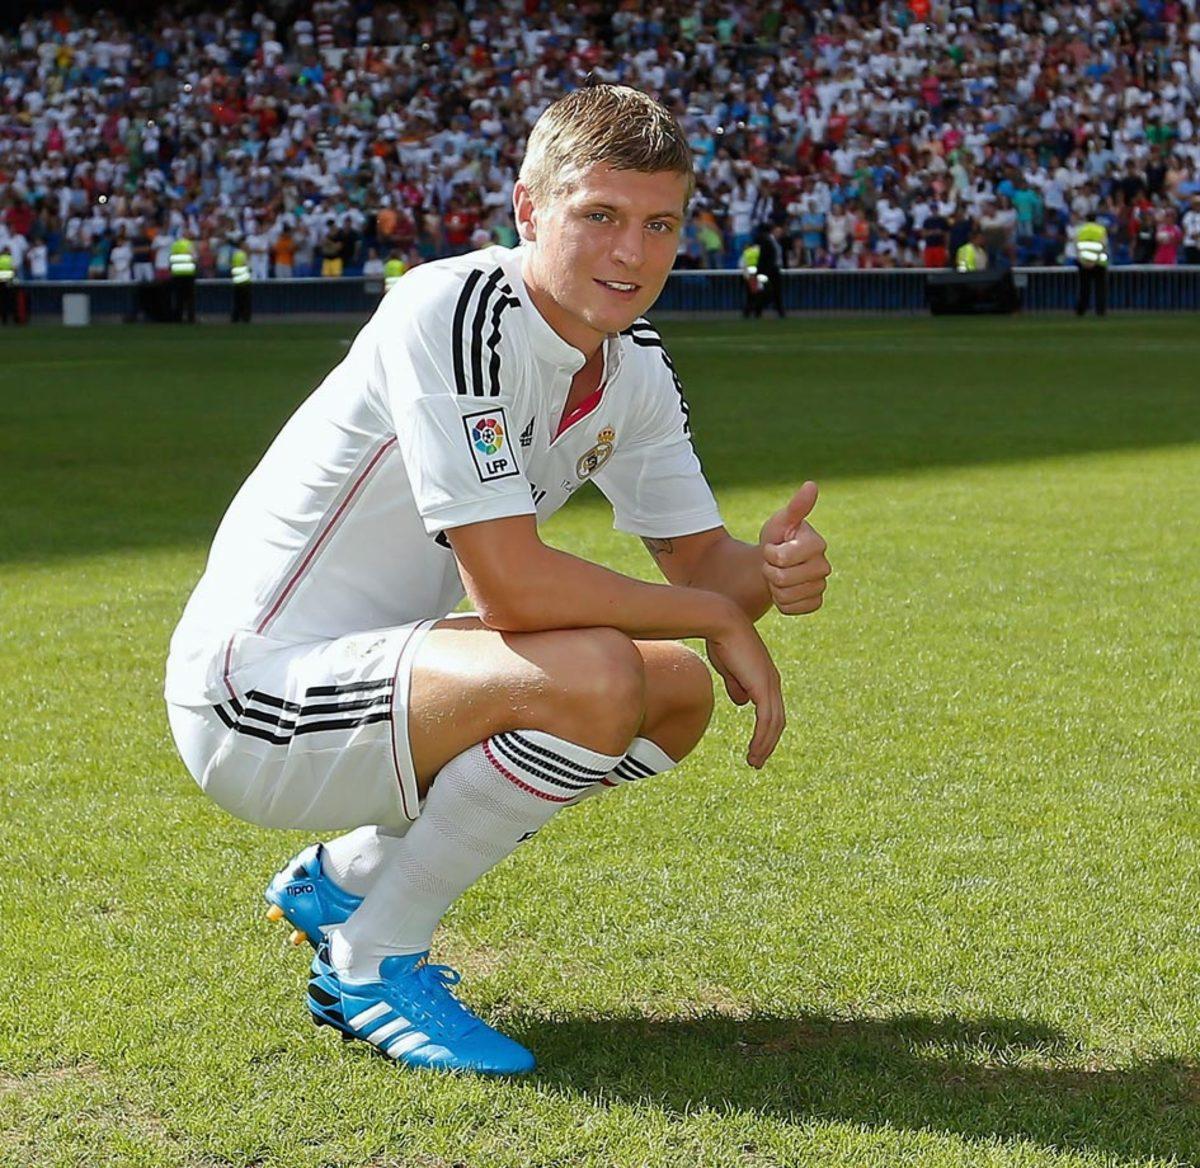 Toni-Kroos-Real-Madrid.jpg